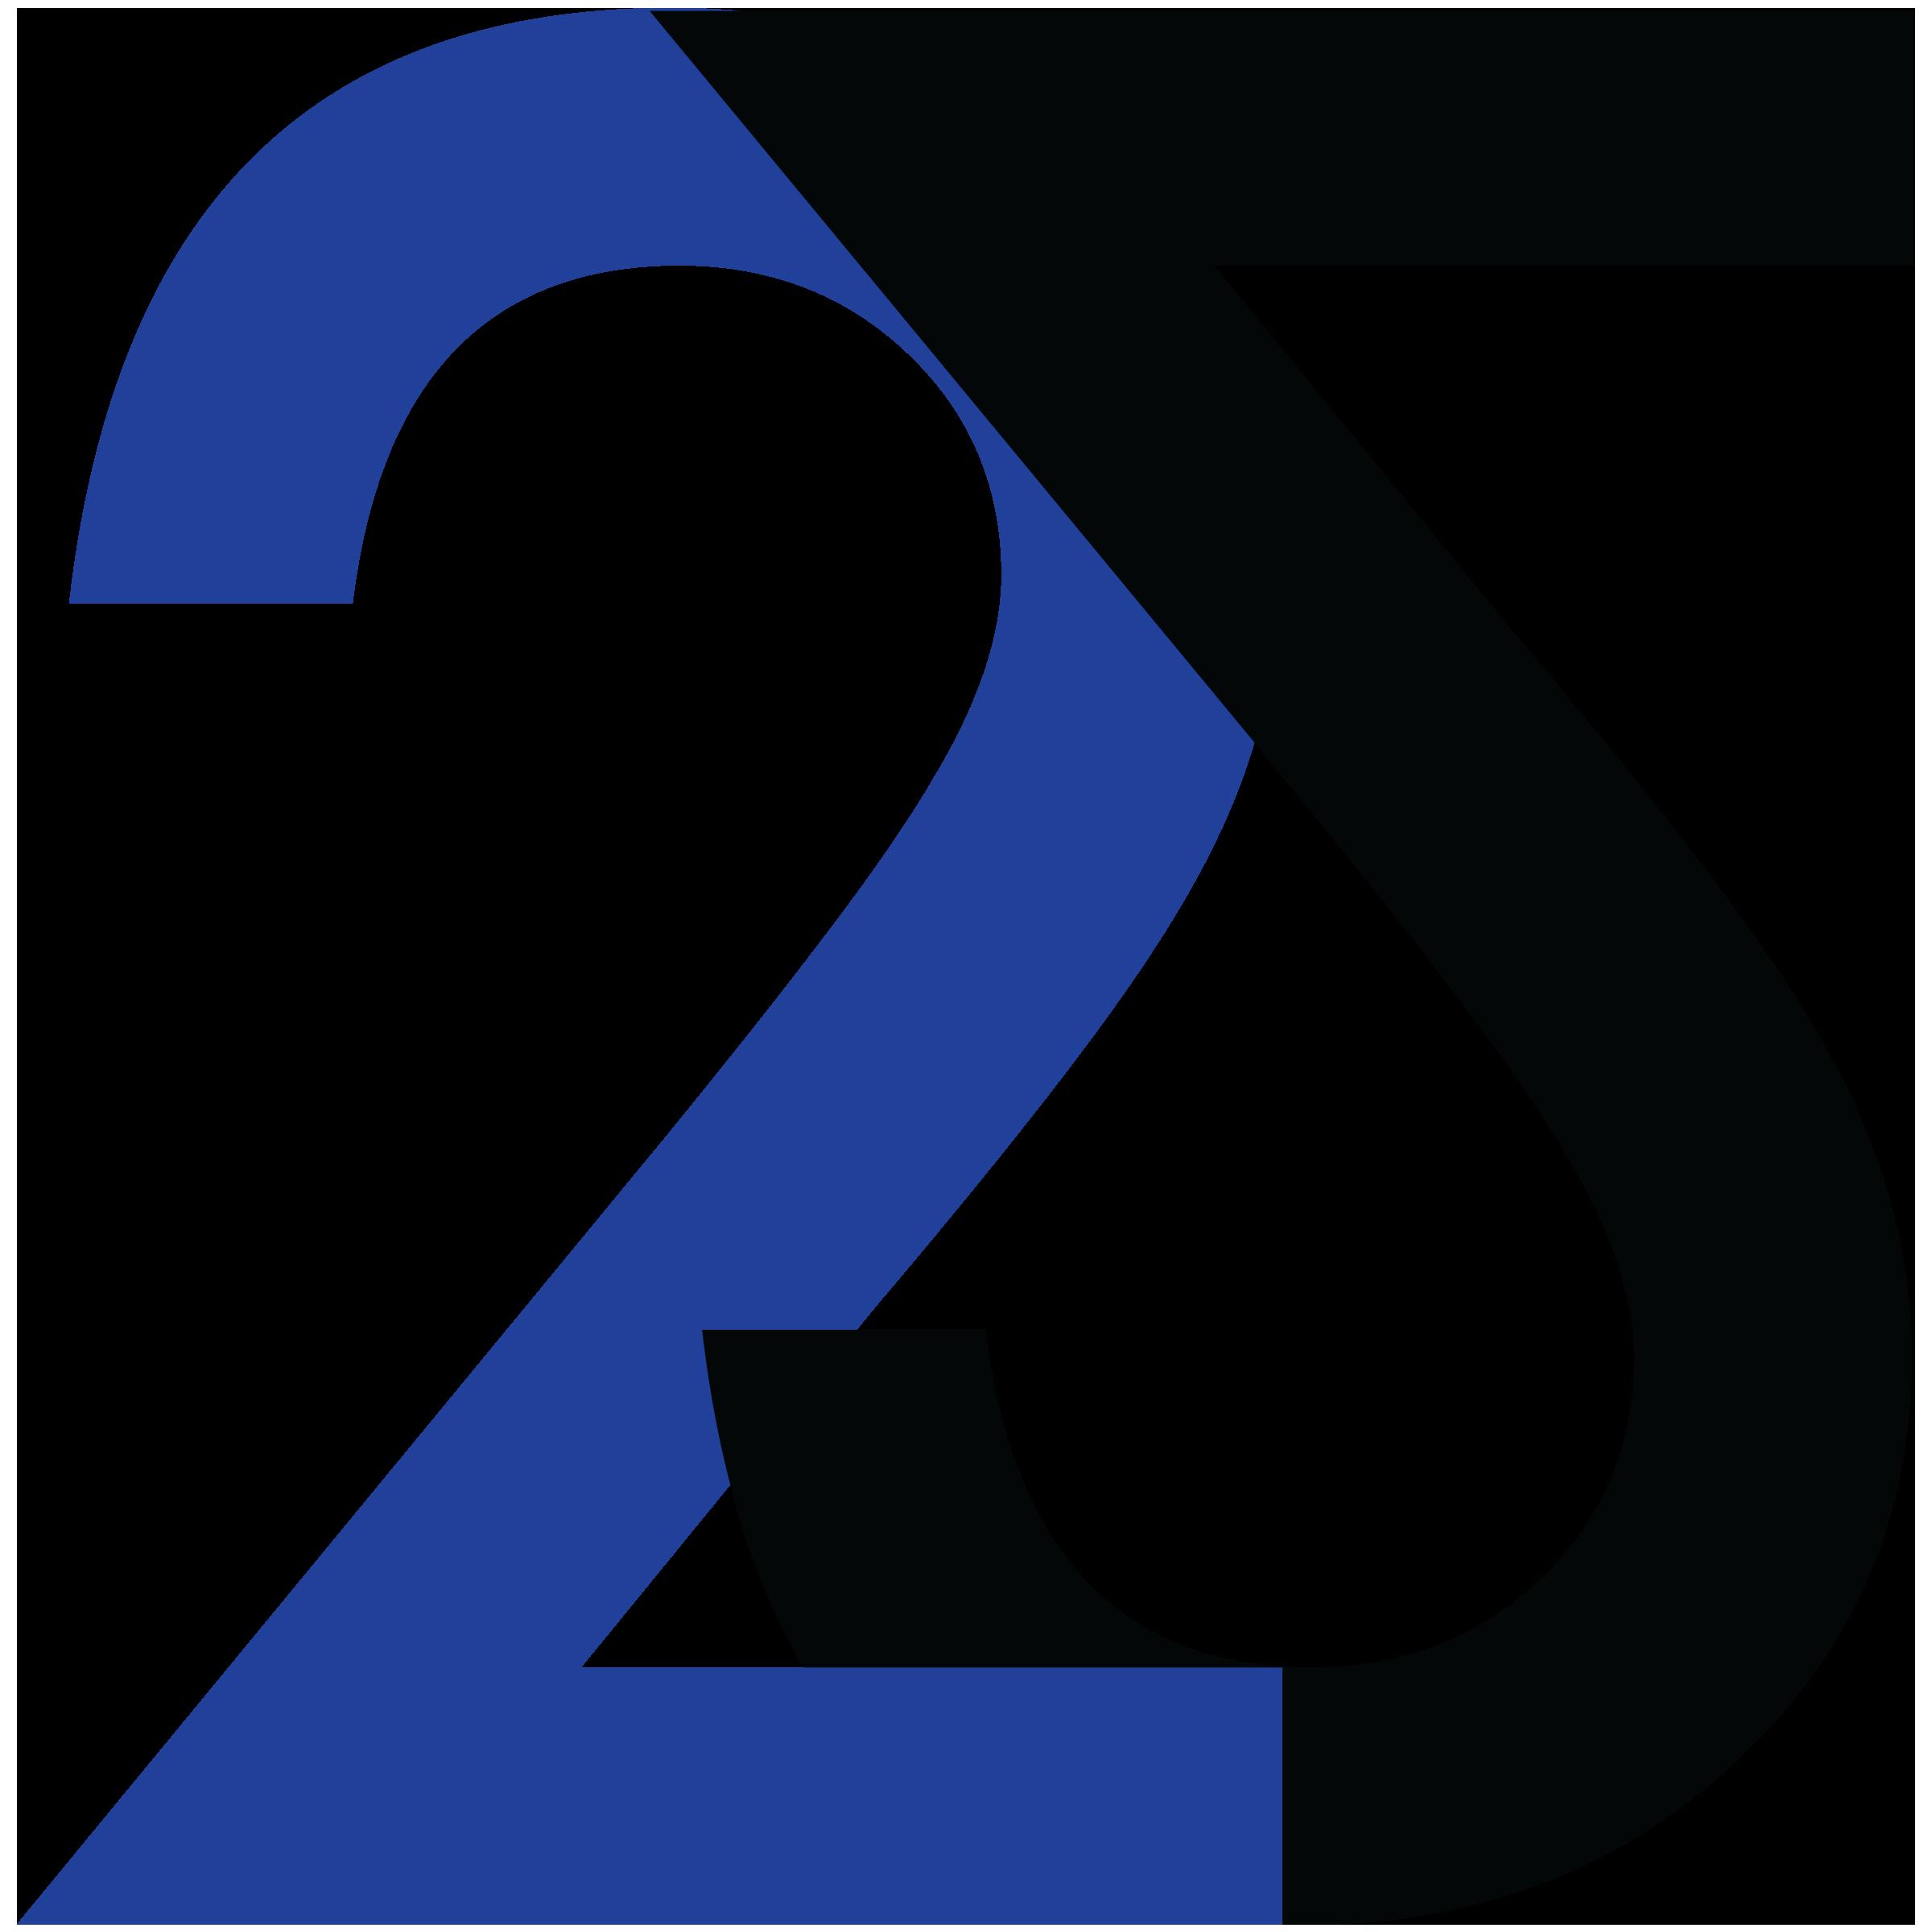 2S-symbol-5.png